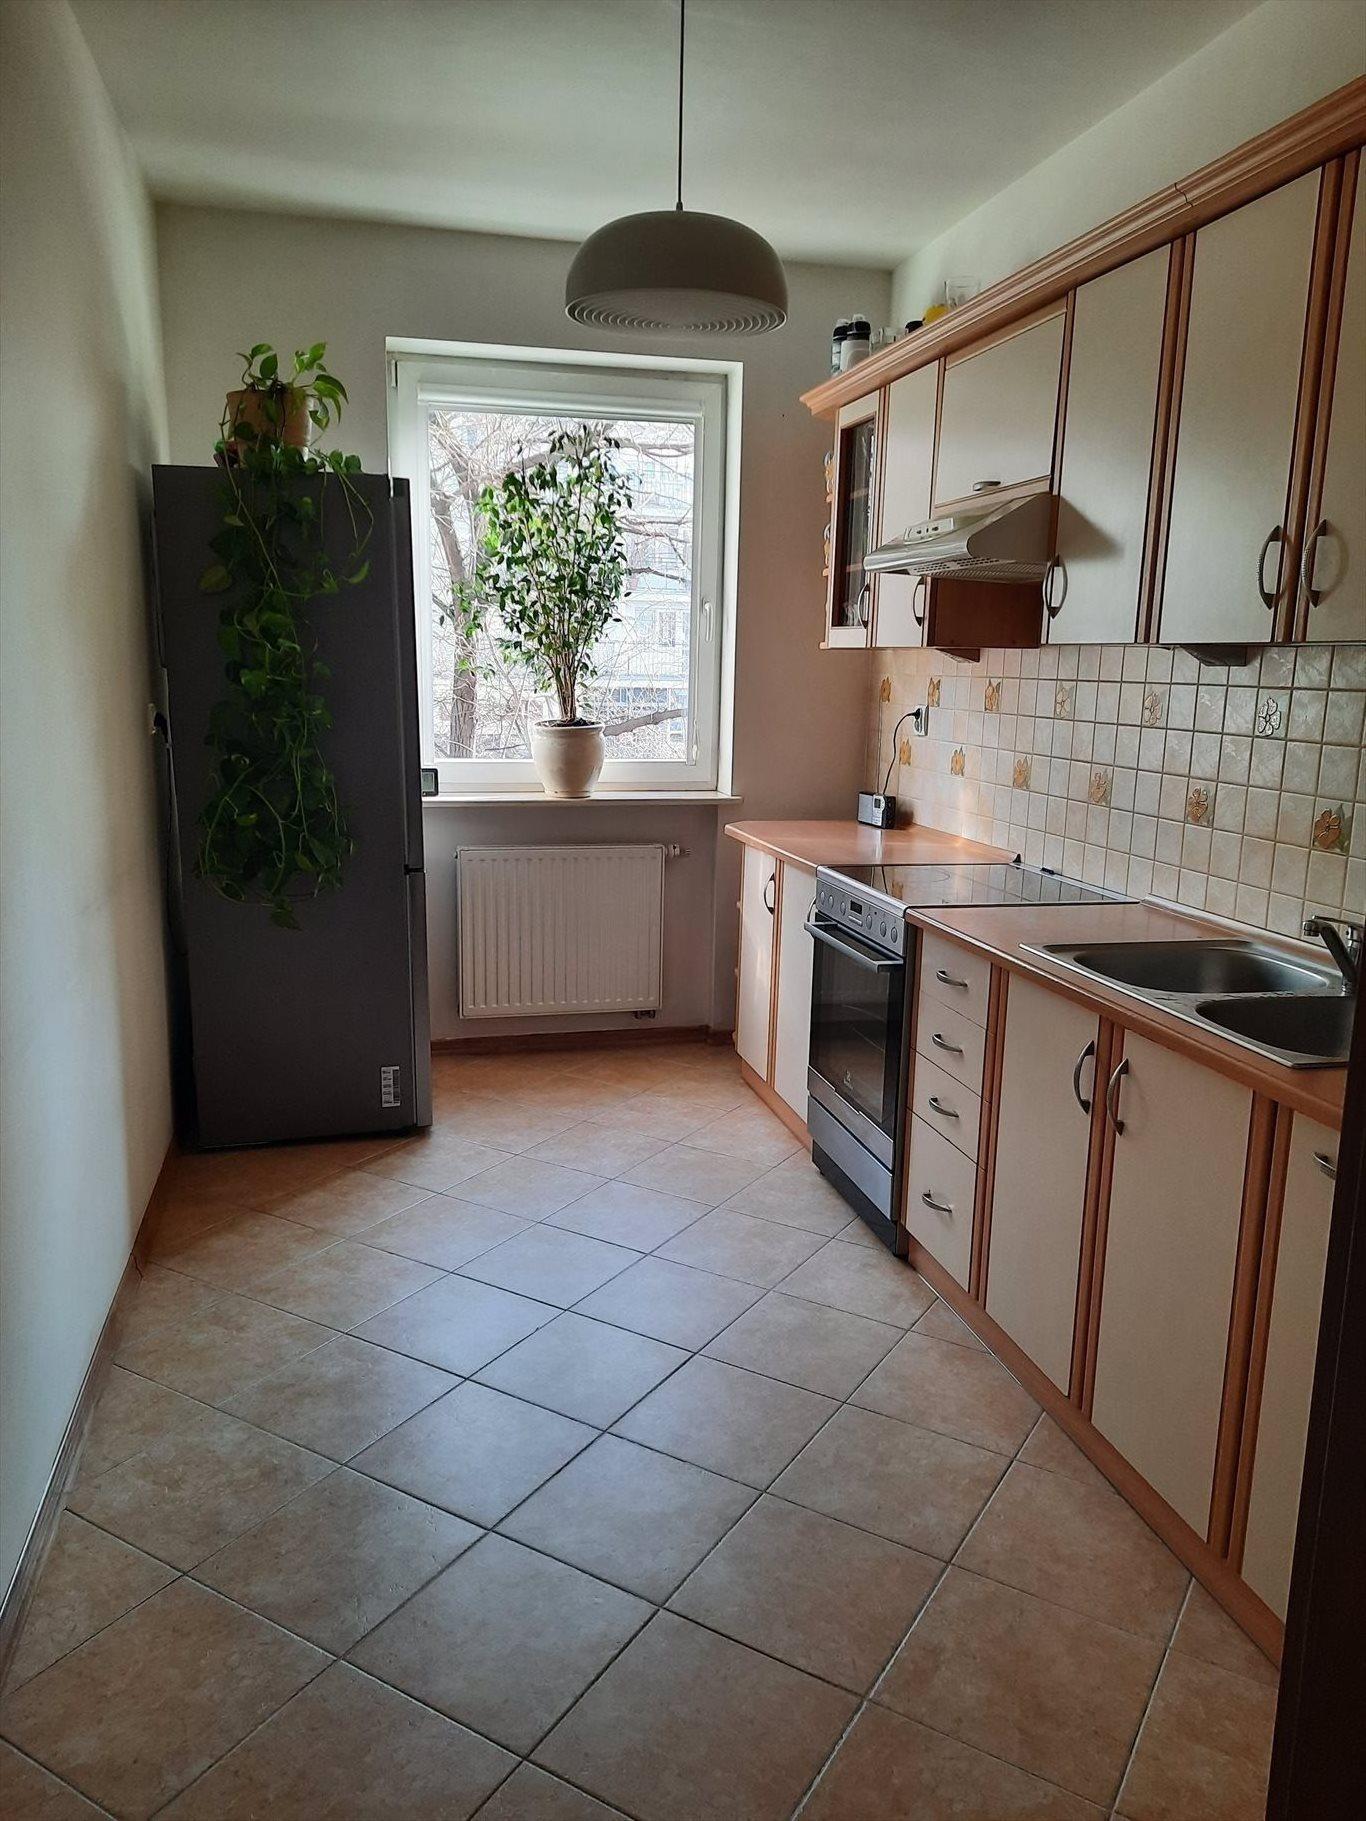 Mieszkanie dwupokojowe na sprzedaż Warszawa, Praga-Północ, Namysłowska 2  49m2 Foto 8